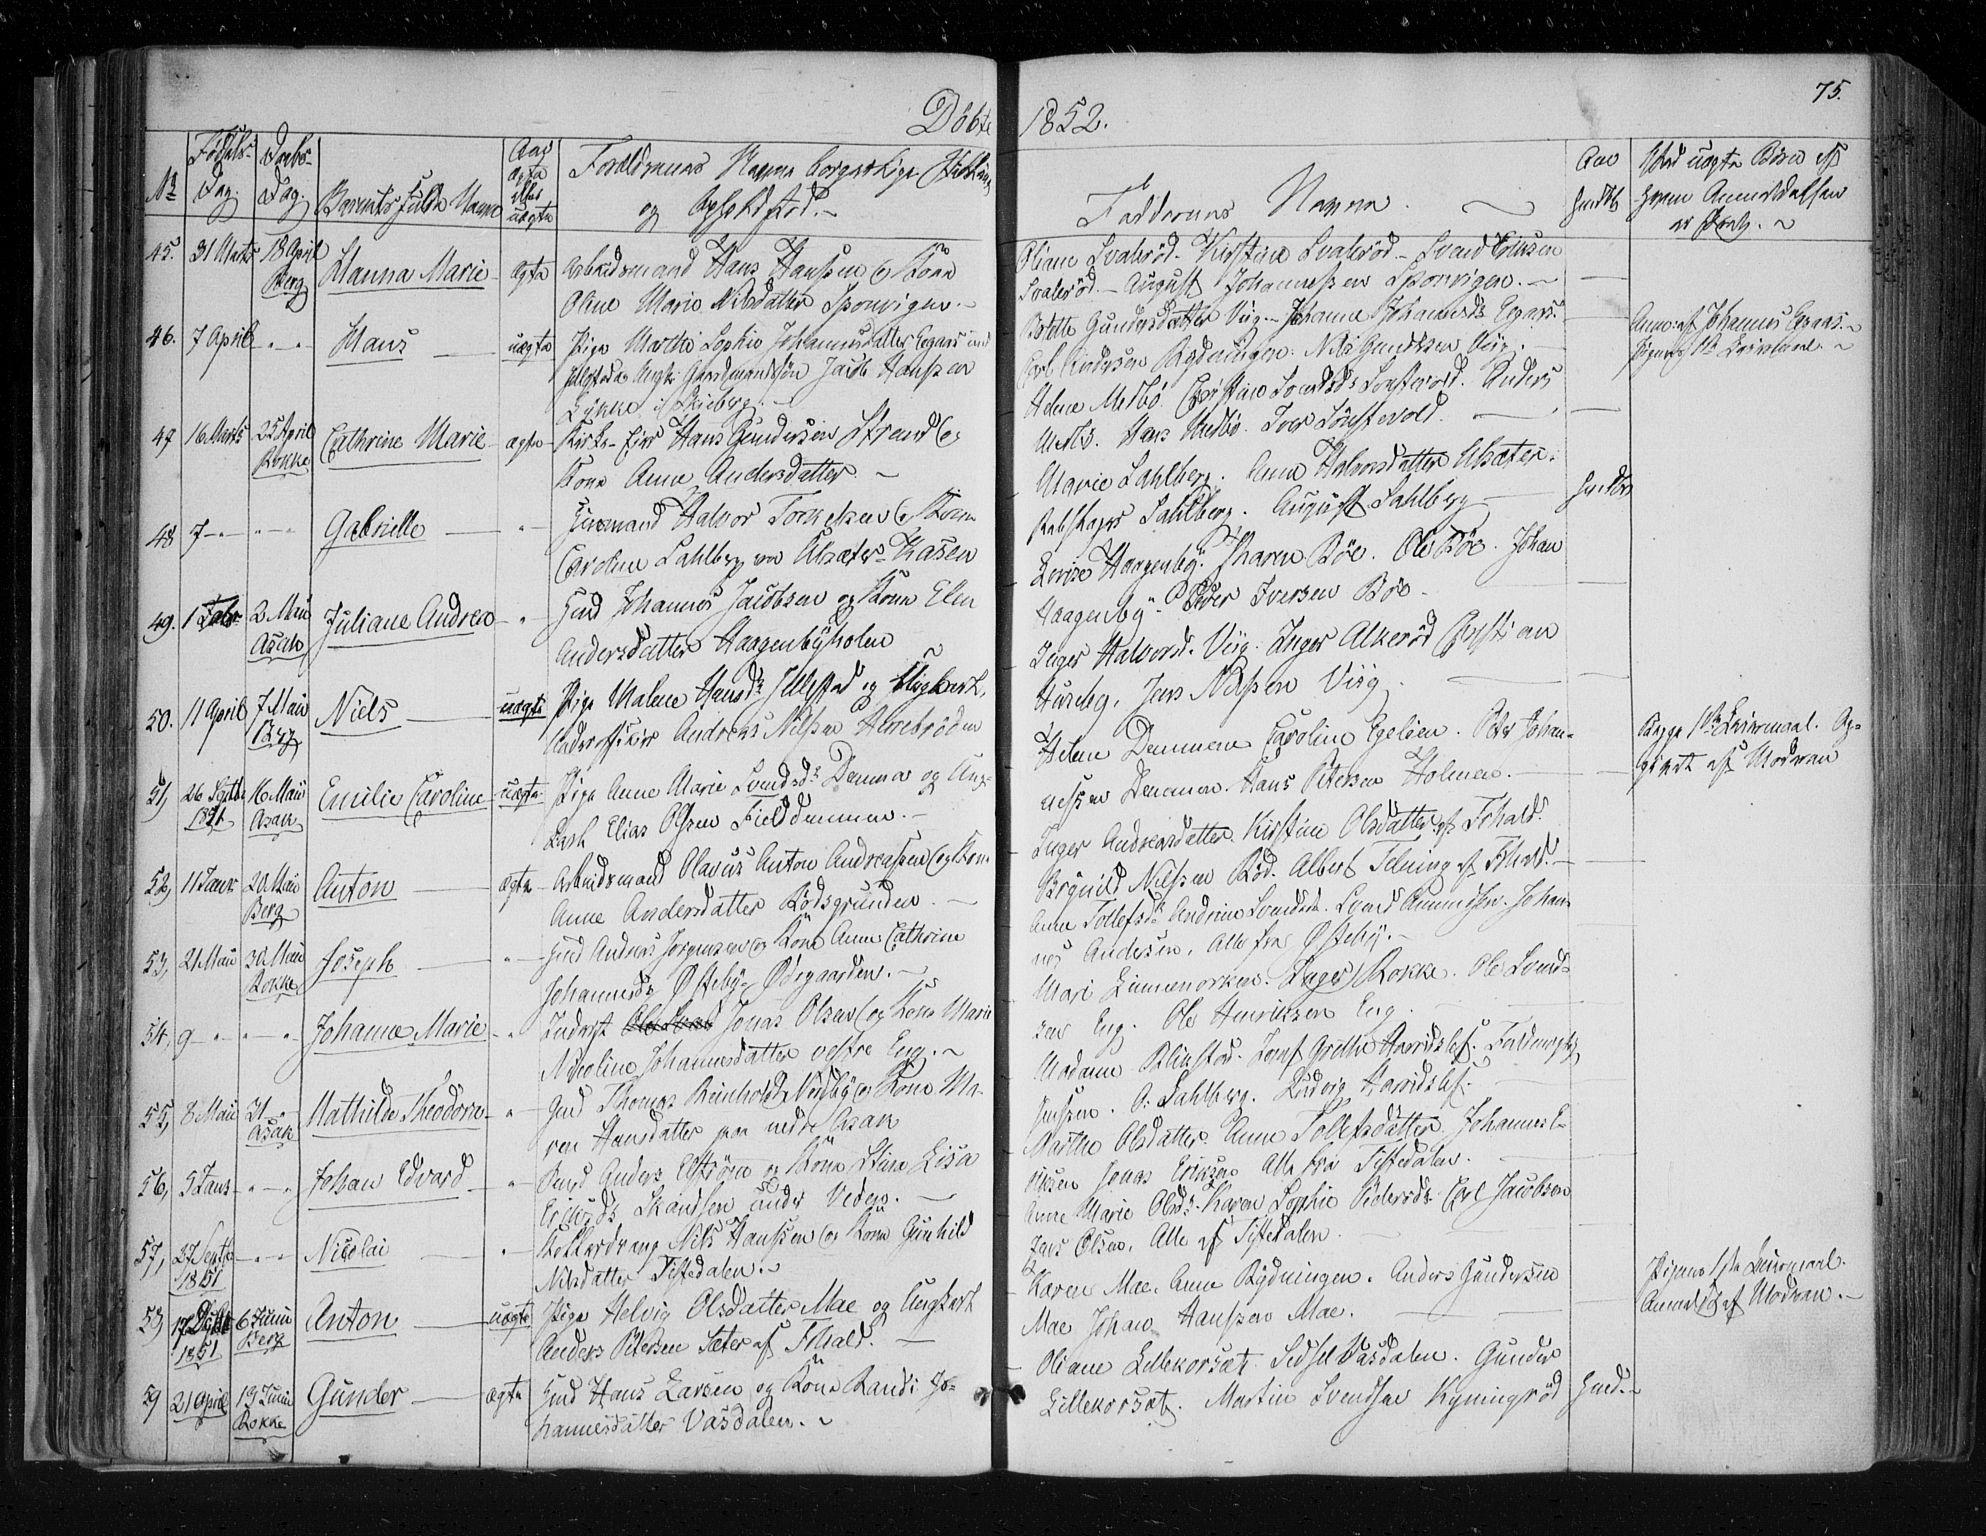 SAO, Berg prestekontor Kirkebøker, F/Fa/L0004: Ministerialbok nr. I 4, 1843-1860, s. 75